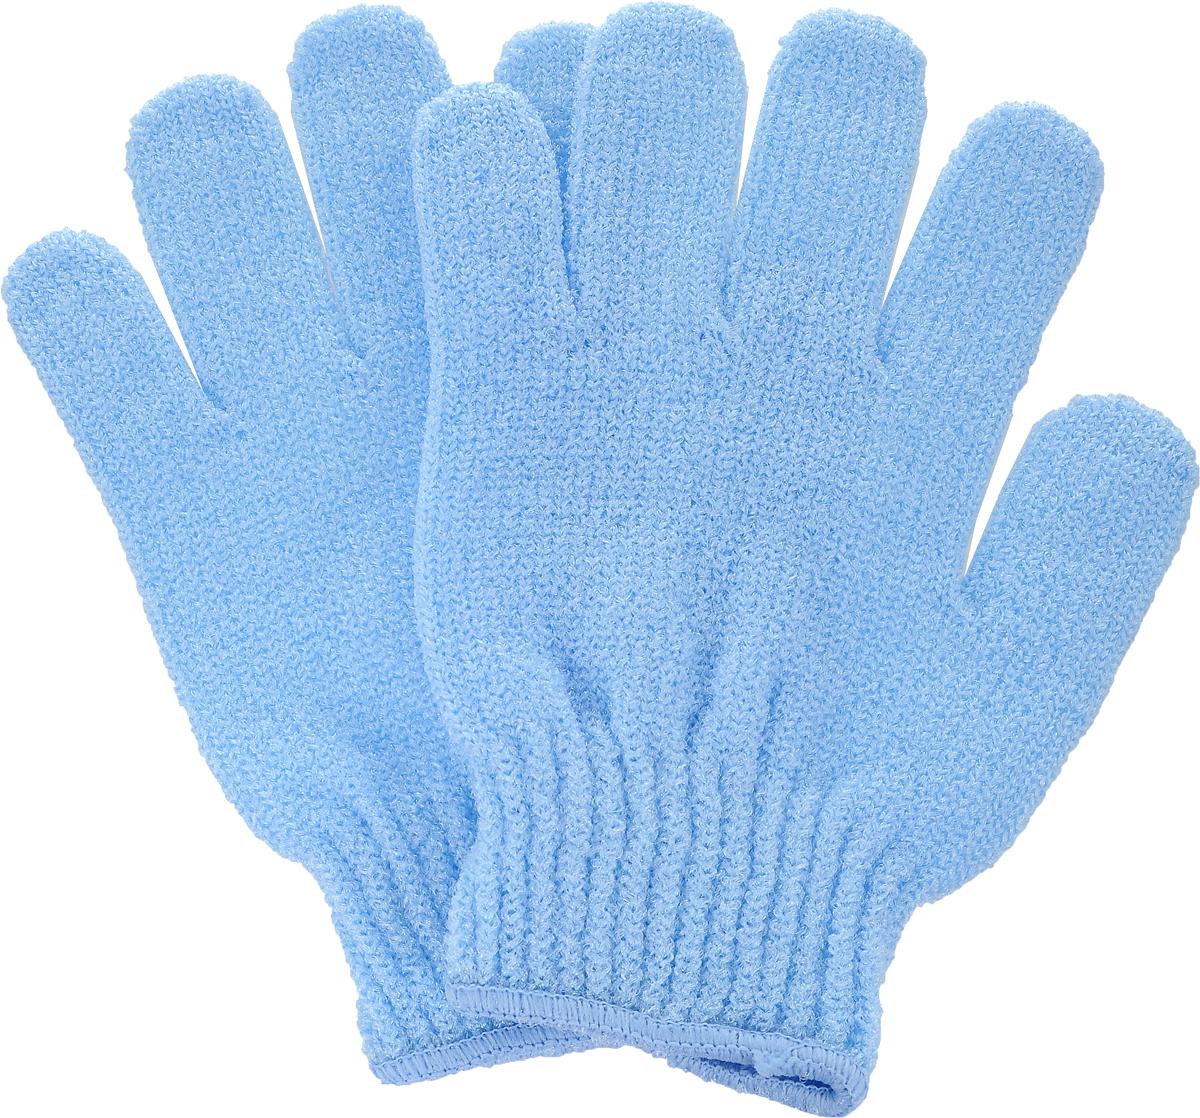 Перчатки для пилинга Riffi, цвет: голубой615_голубойЭластичные безразмерные перчатки Riffi обладают активным антицеллюлитным эффектом и отличным пилинговым действием, тонизируя, массируя и эффективно очищая вашу кожу.Перчатки Riffi освобождает кожу от отмерших клеток, стимулирует регенерацию. Эффективно предупреждают образование целлюлита и обеспечивают омолаживающий эффект. Кожа становится гладкой, упругой и лучше готовой к принятию косметических средств. Интенсивный и пощипывающий свежий массаж тела с применением перчаток Riffi стимулирует кровообращение, активирует кровоснабжение, способствует обмену веществ. В комплекте 1 пара перчаток.